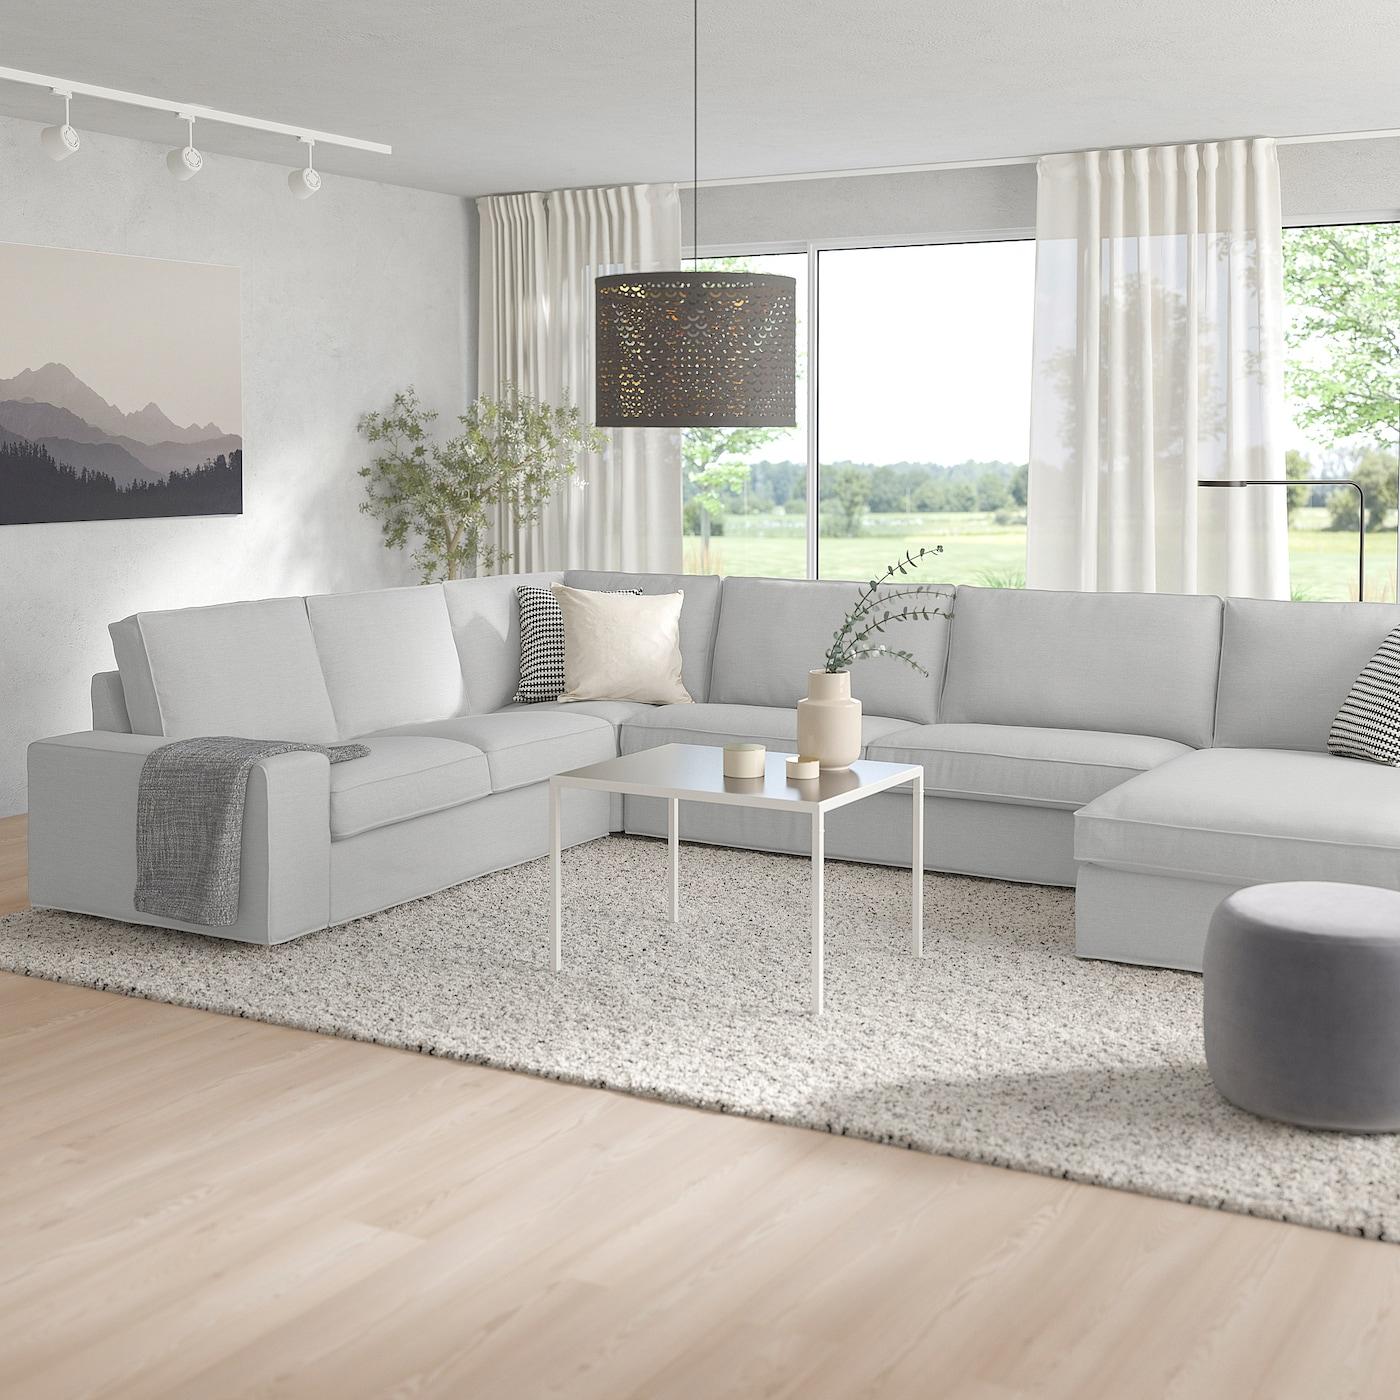 Kivik Canapé D'Angle, 6 Places - Avec Méridienne/Orrsta Gris Clair concernant Canapé D'Angle 8 10 Places Ikea